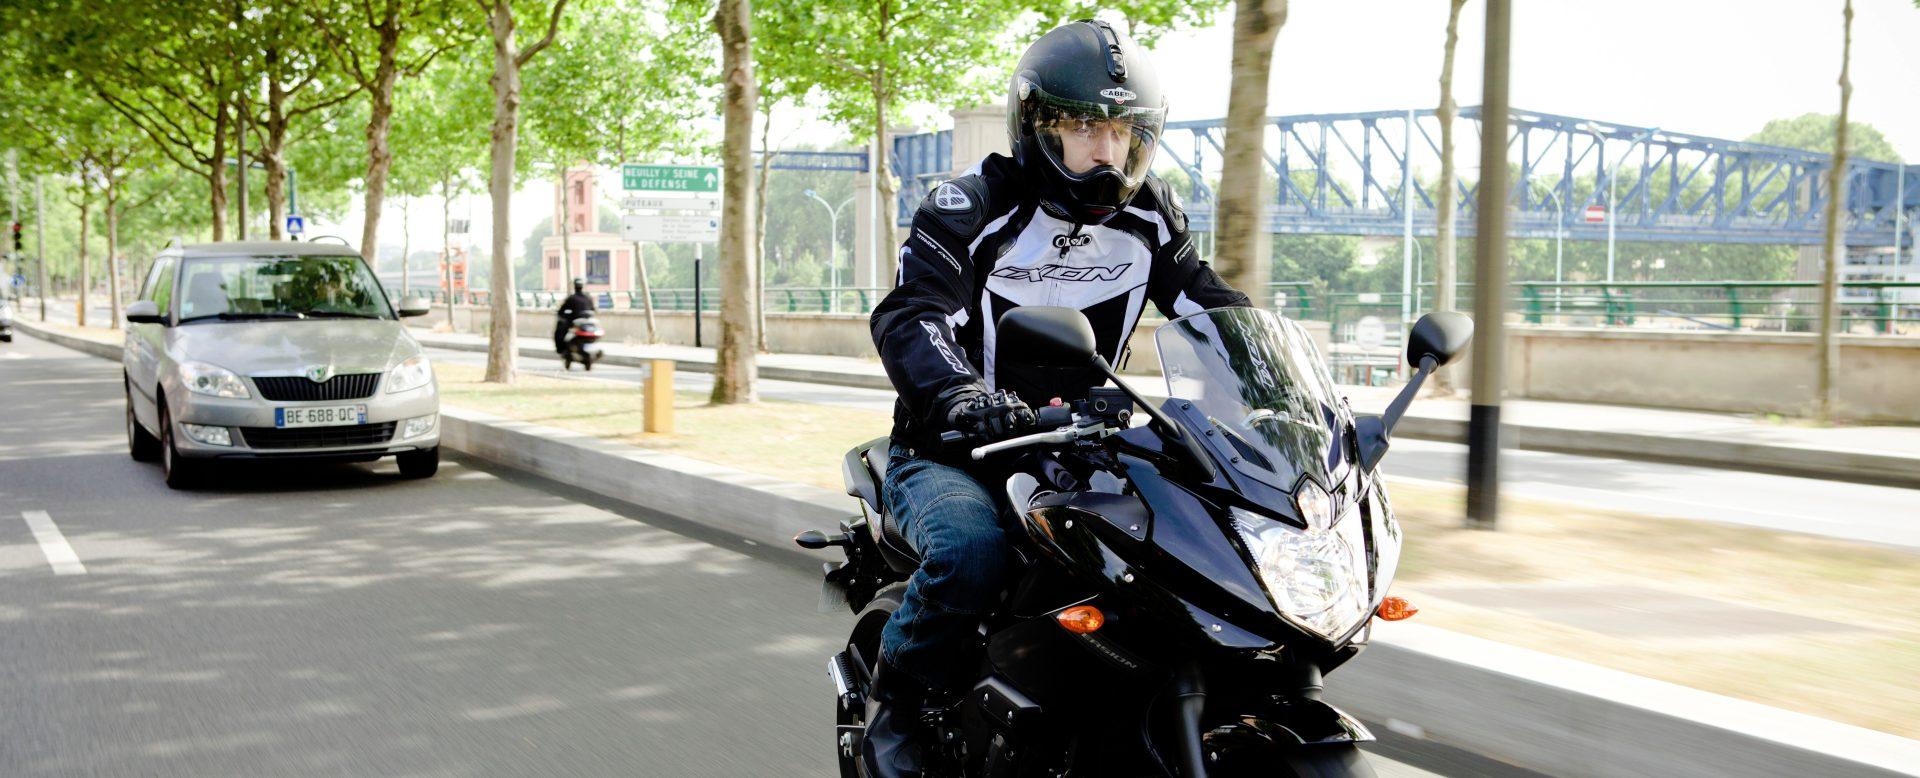 Regelmäßige Kontrolle verlängert die Lebensdauer des Motorrades